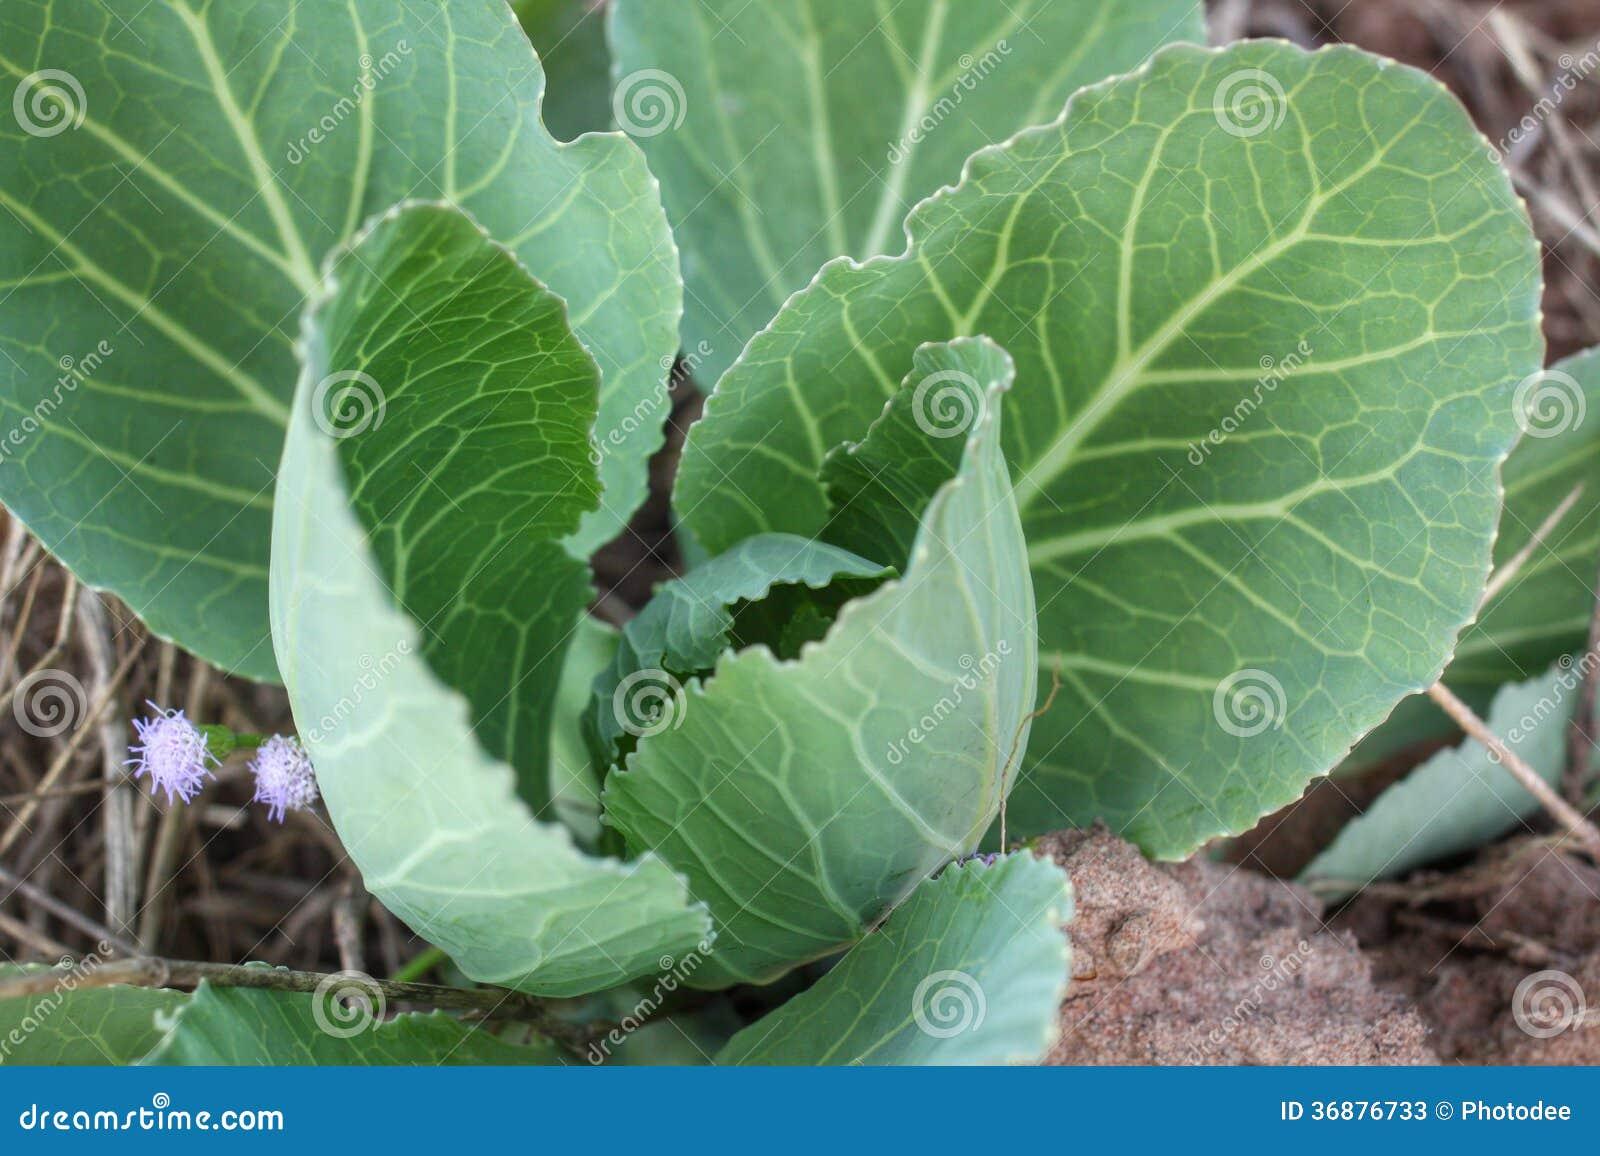 Download Cavolo verde immagine stock. Immagine di insalata, veggies - 36876733